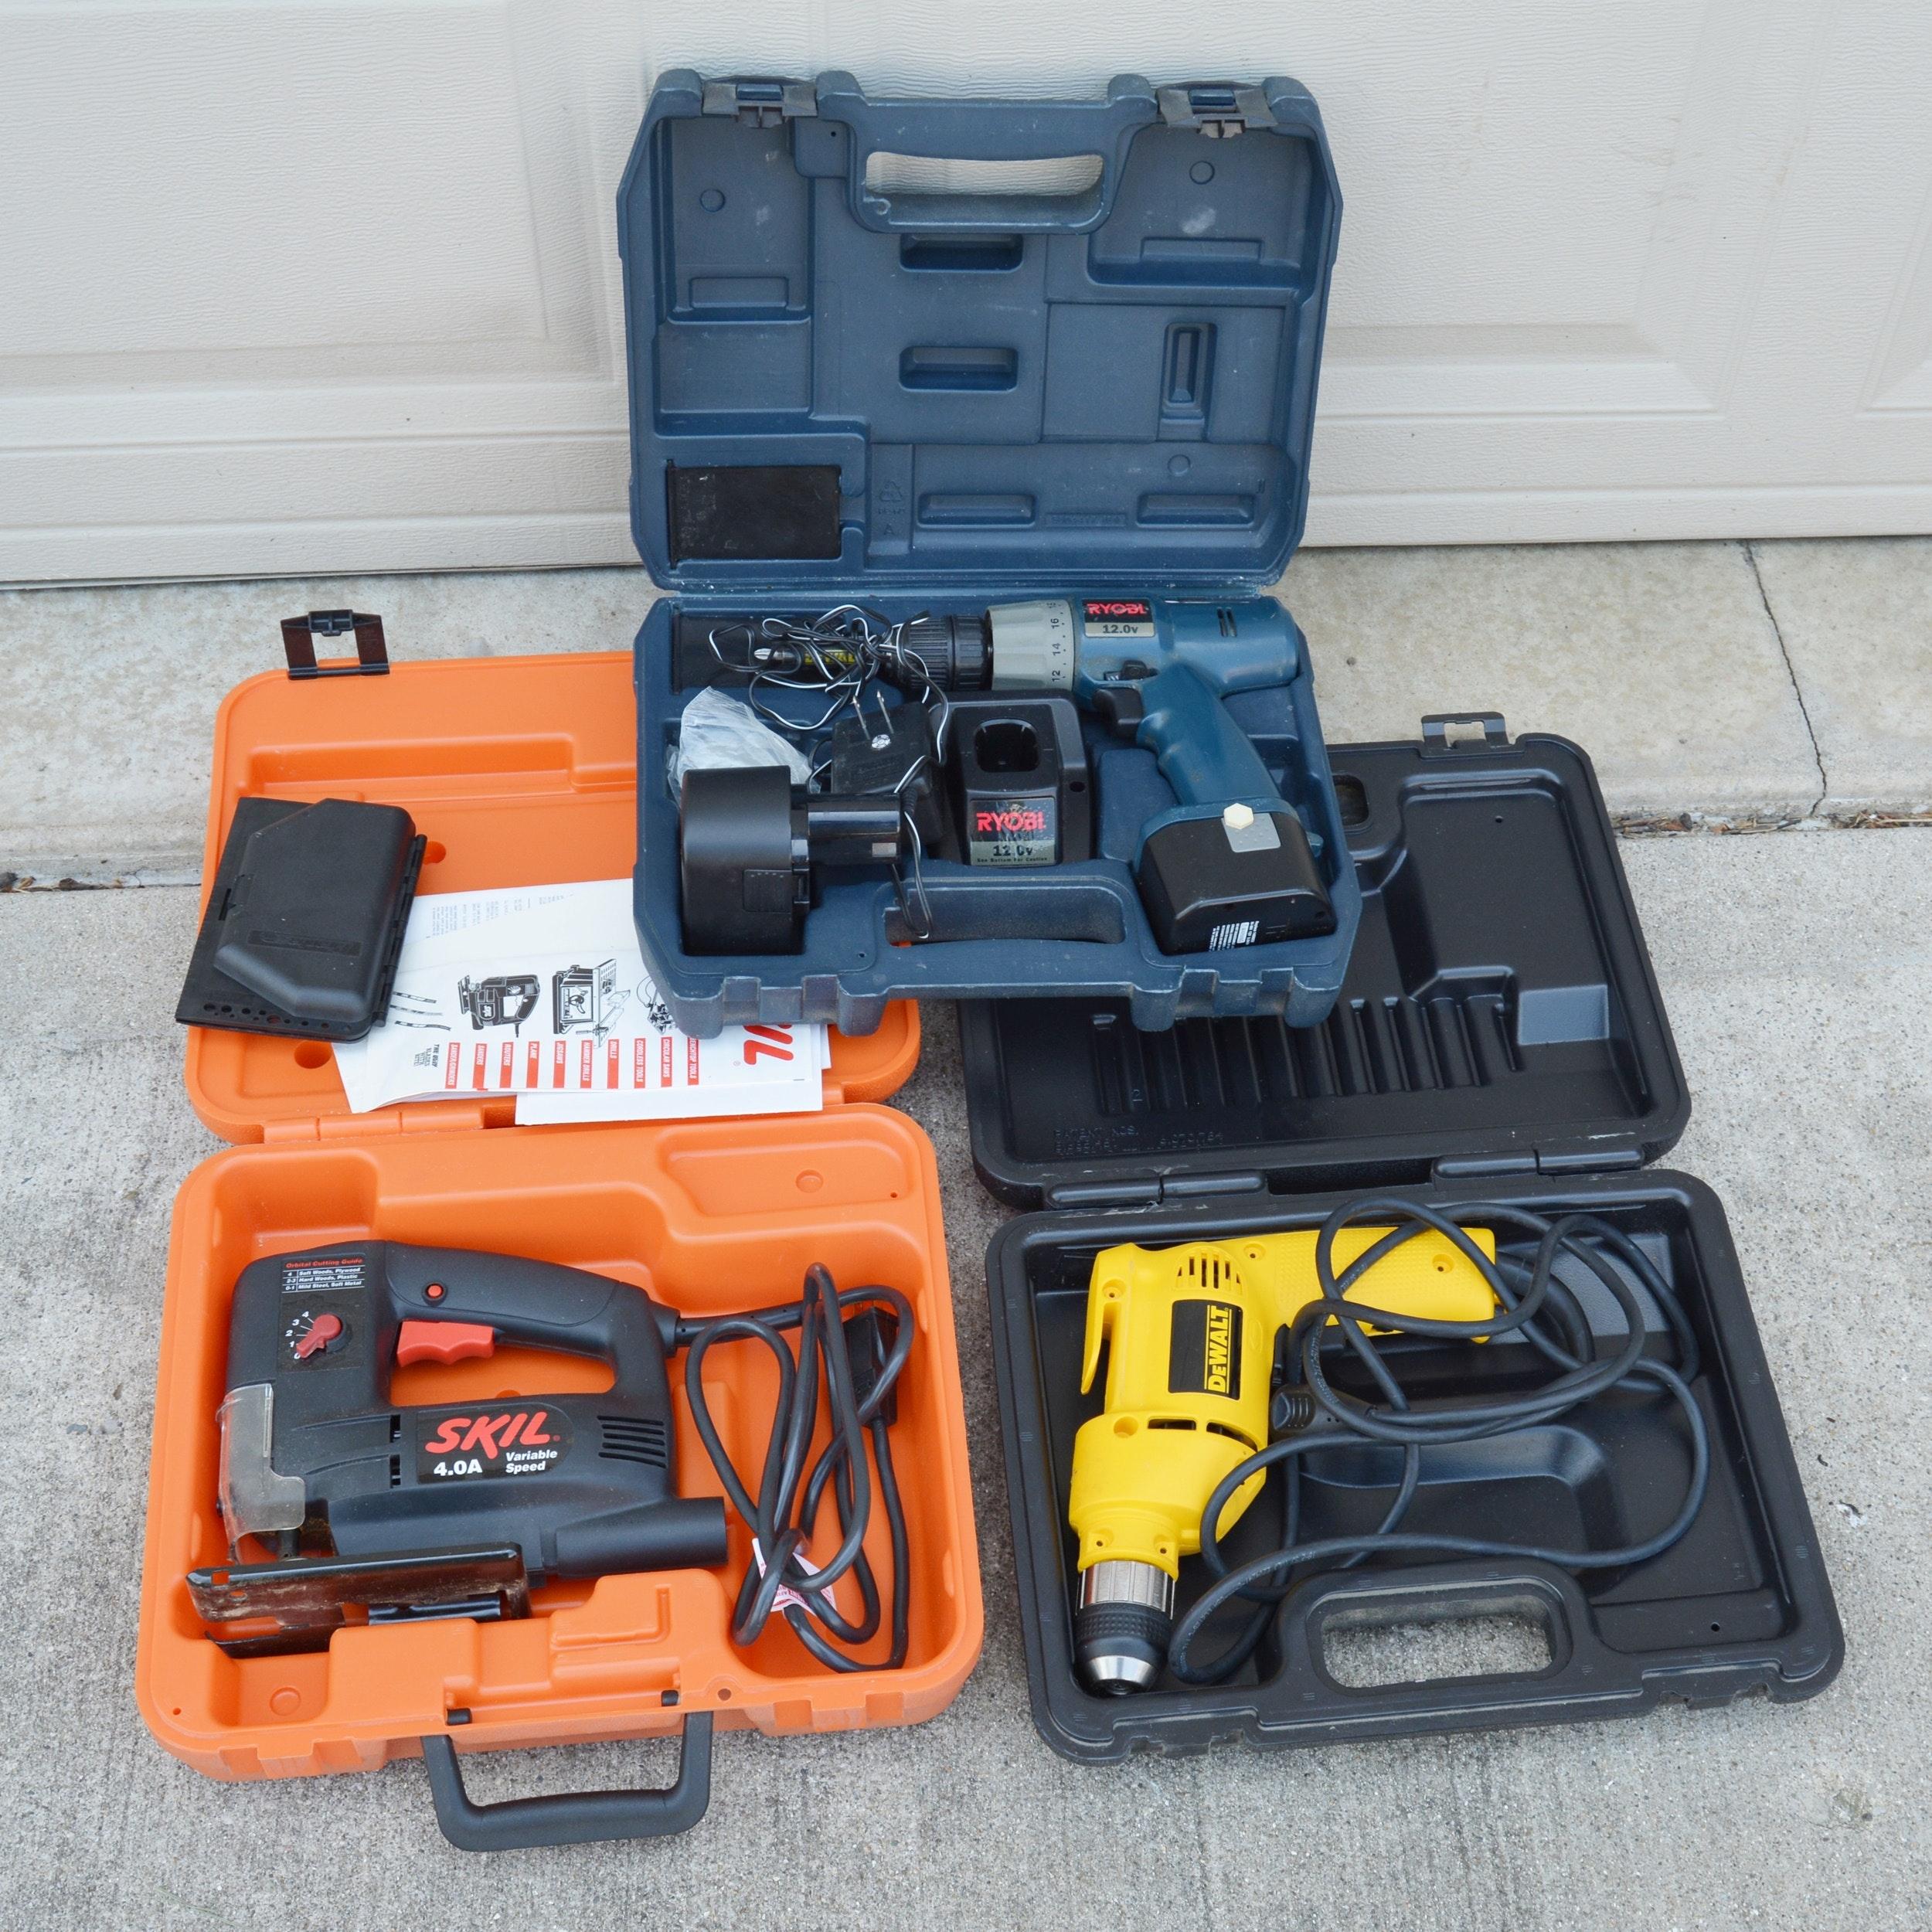 Skil Variable Speed Jig Saw, DeWalt Drill and Ryobi Cordless Drill